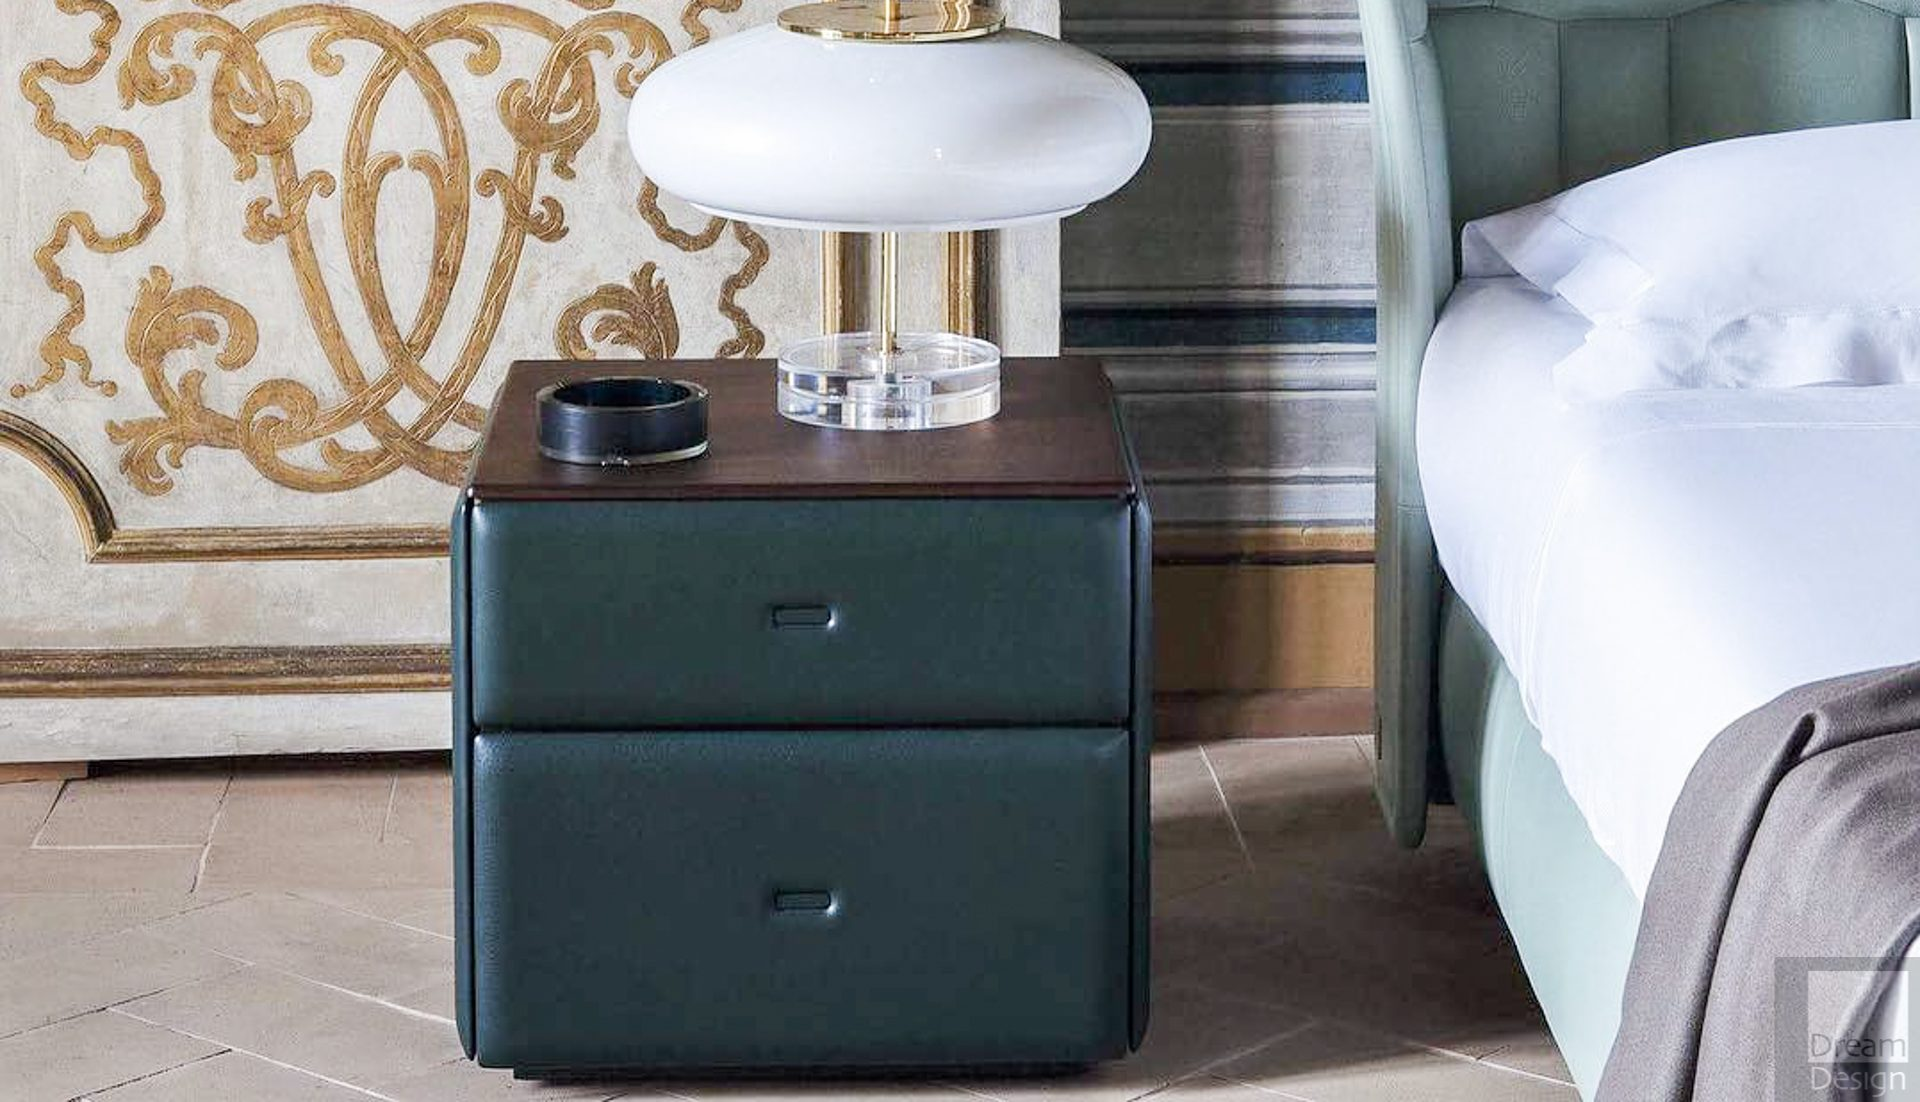 Poltrona Frau Moondance Bedside Cabinet